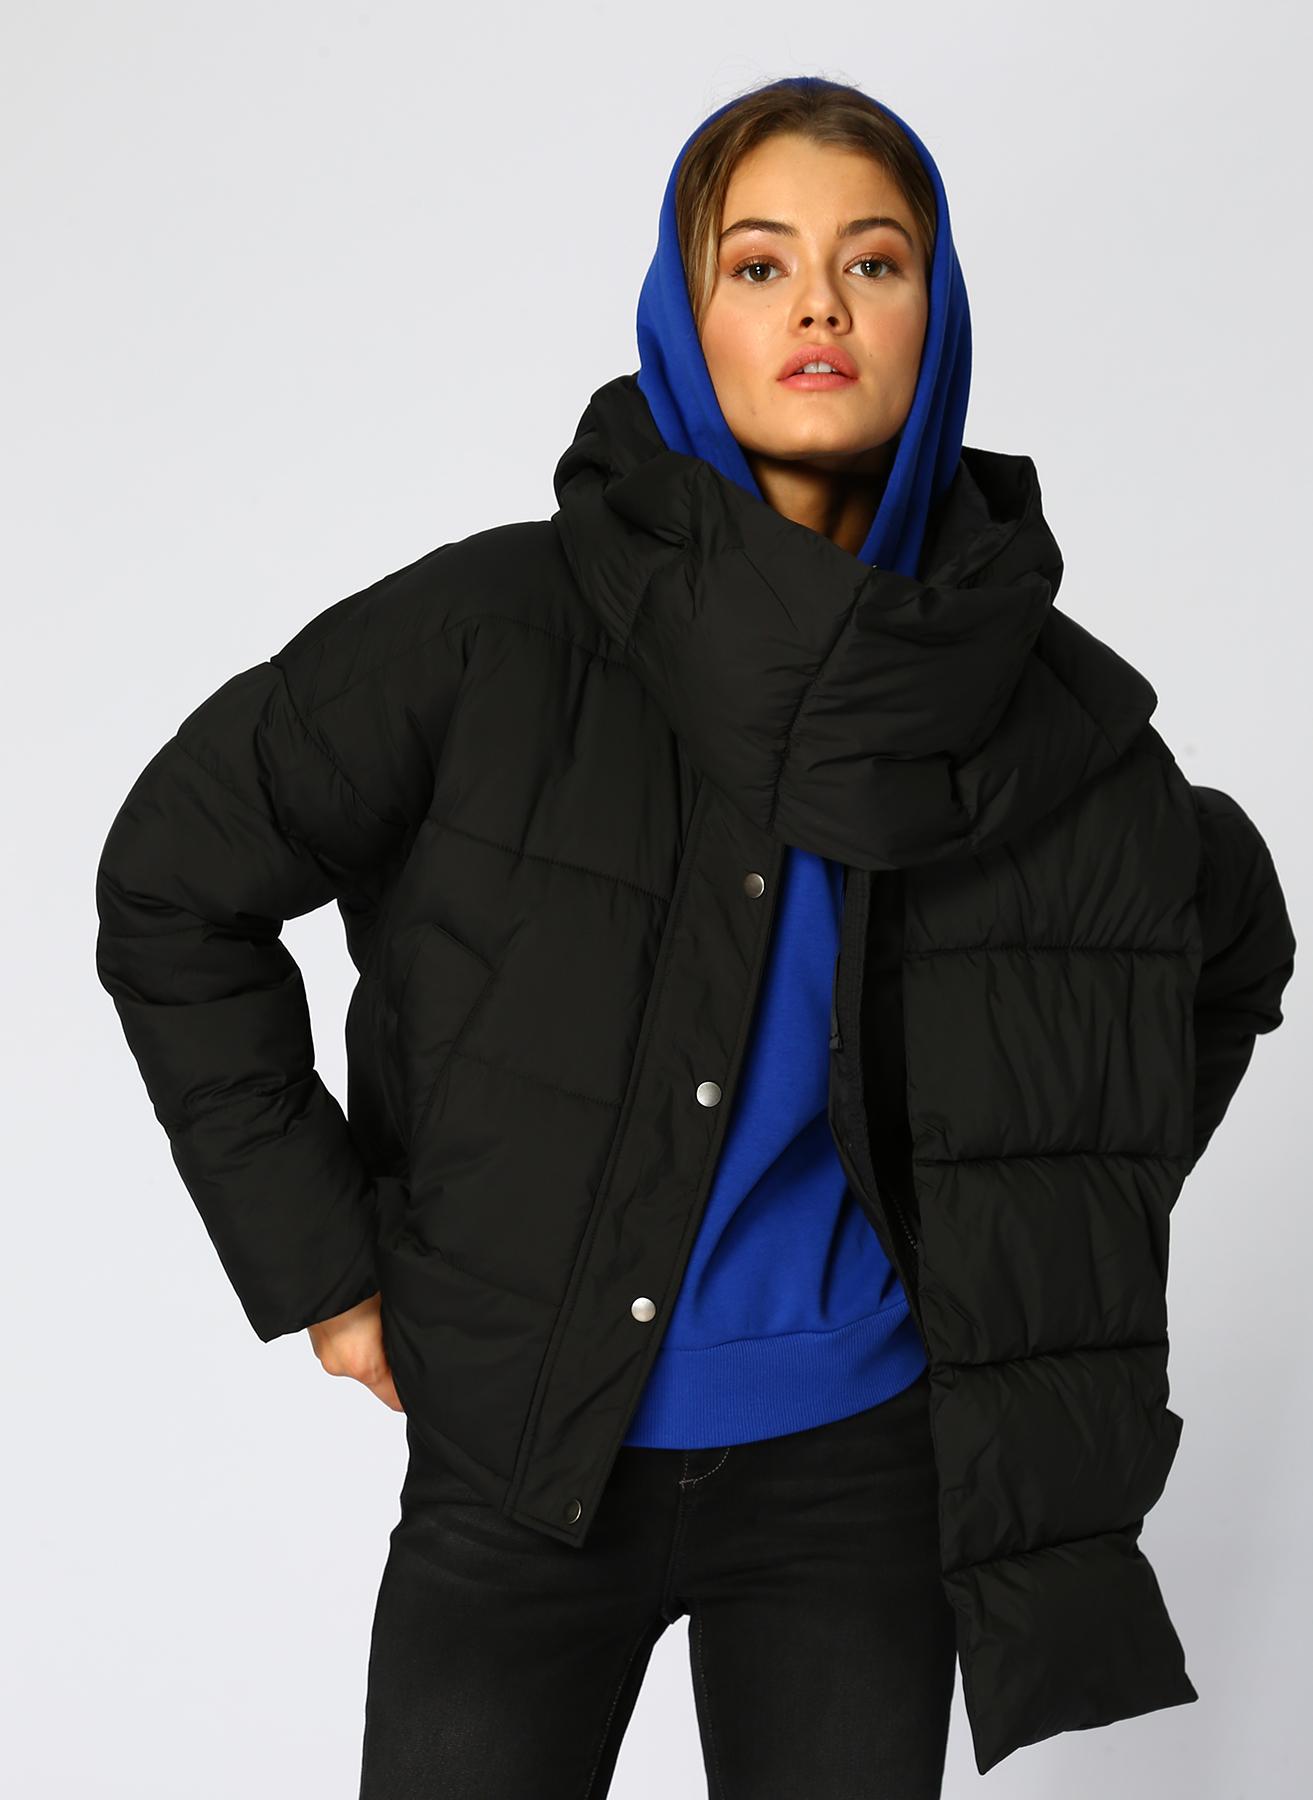 Vero Moda Siyah Mont M 5001705316002 Ürün Resmi